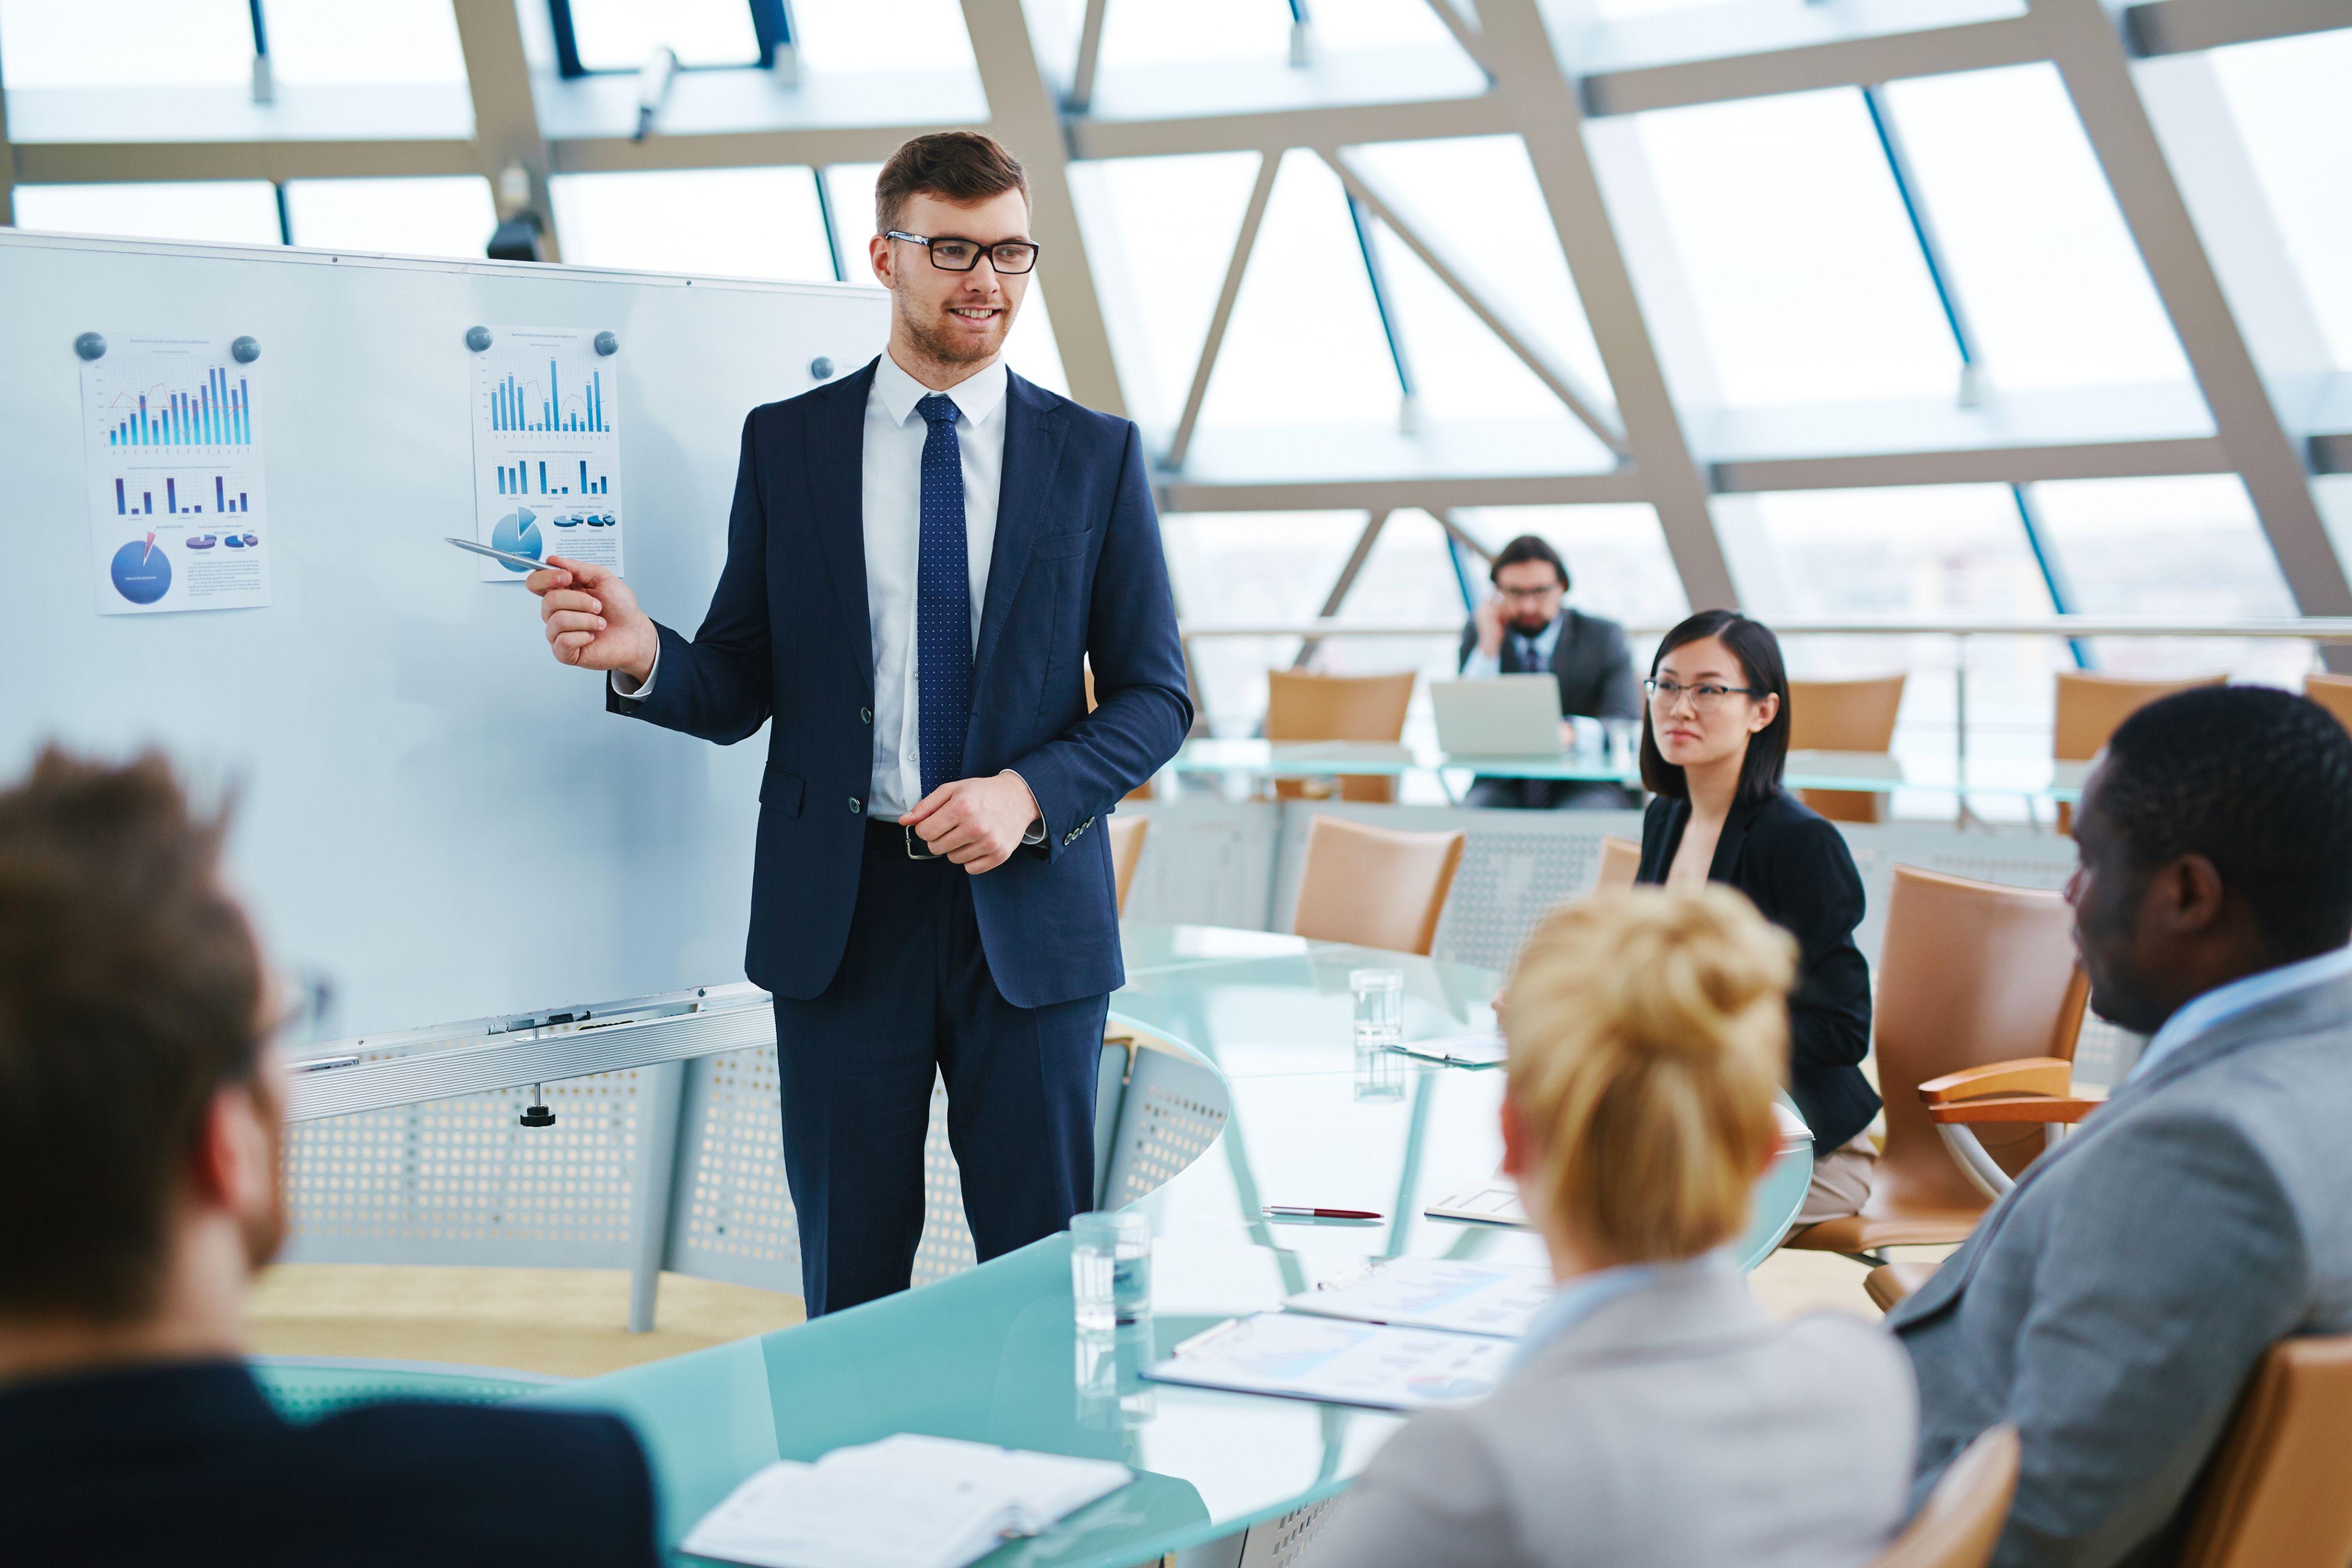 Niezwykle ważnym elementem tworzenia etycznej kultury organizacyjnej jest edukacja pracowników i menedżerów. (Fot. Shutterstock)